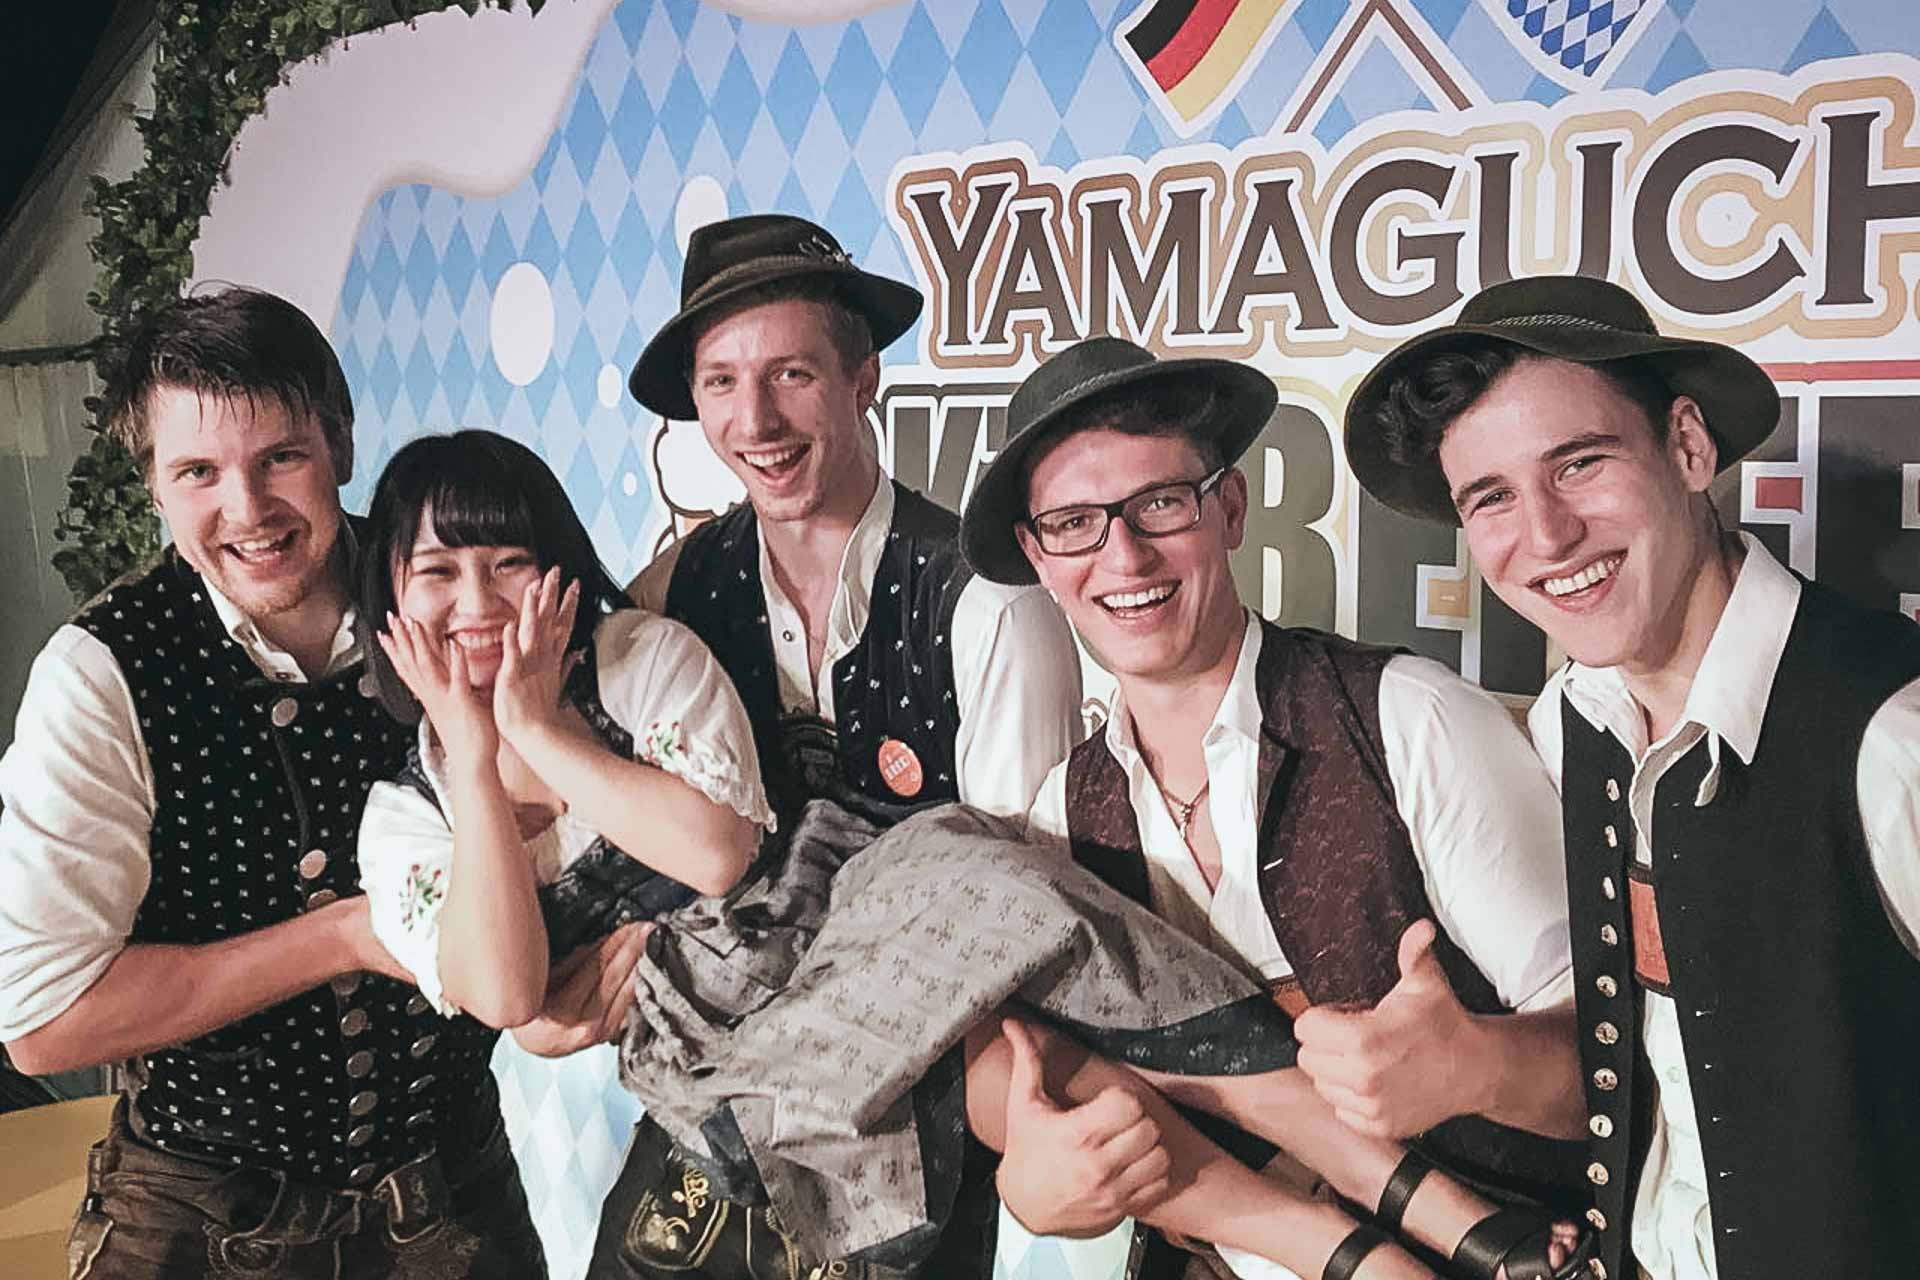 Wex'l Partie in Yamaguchi